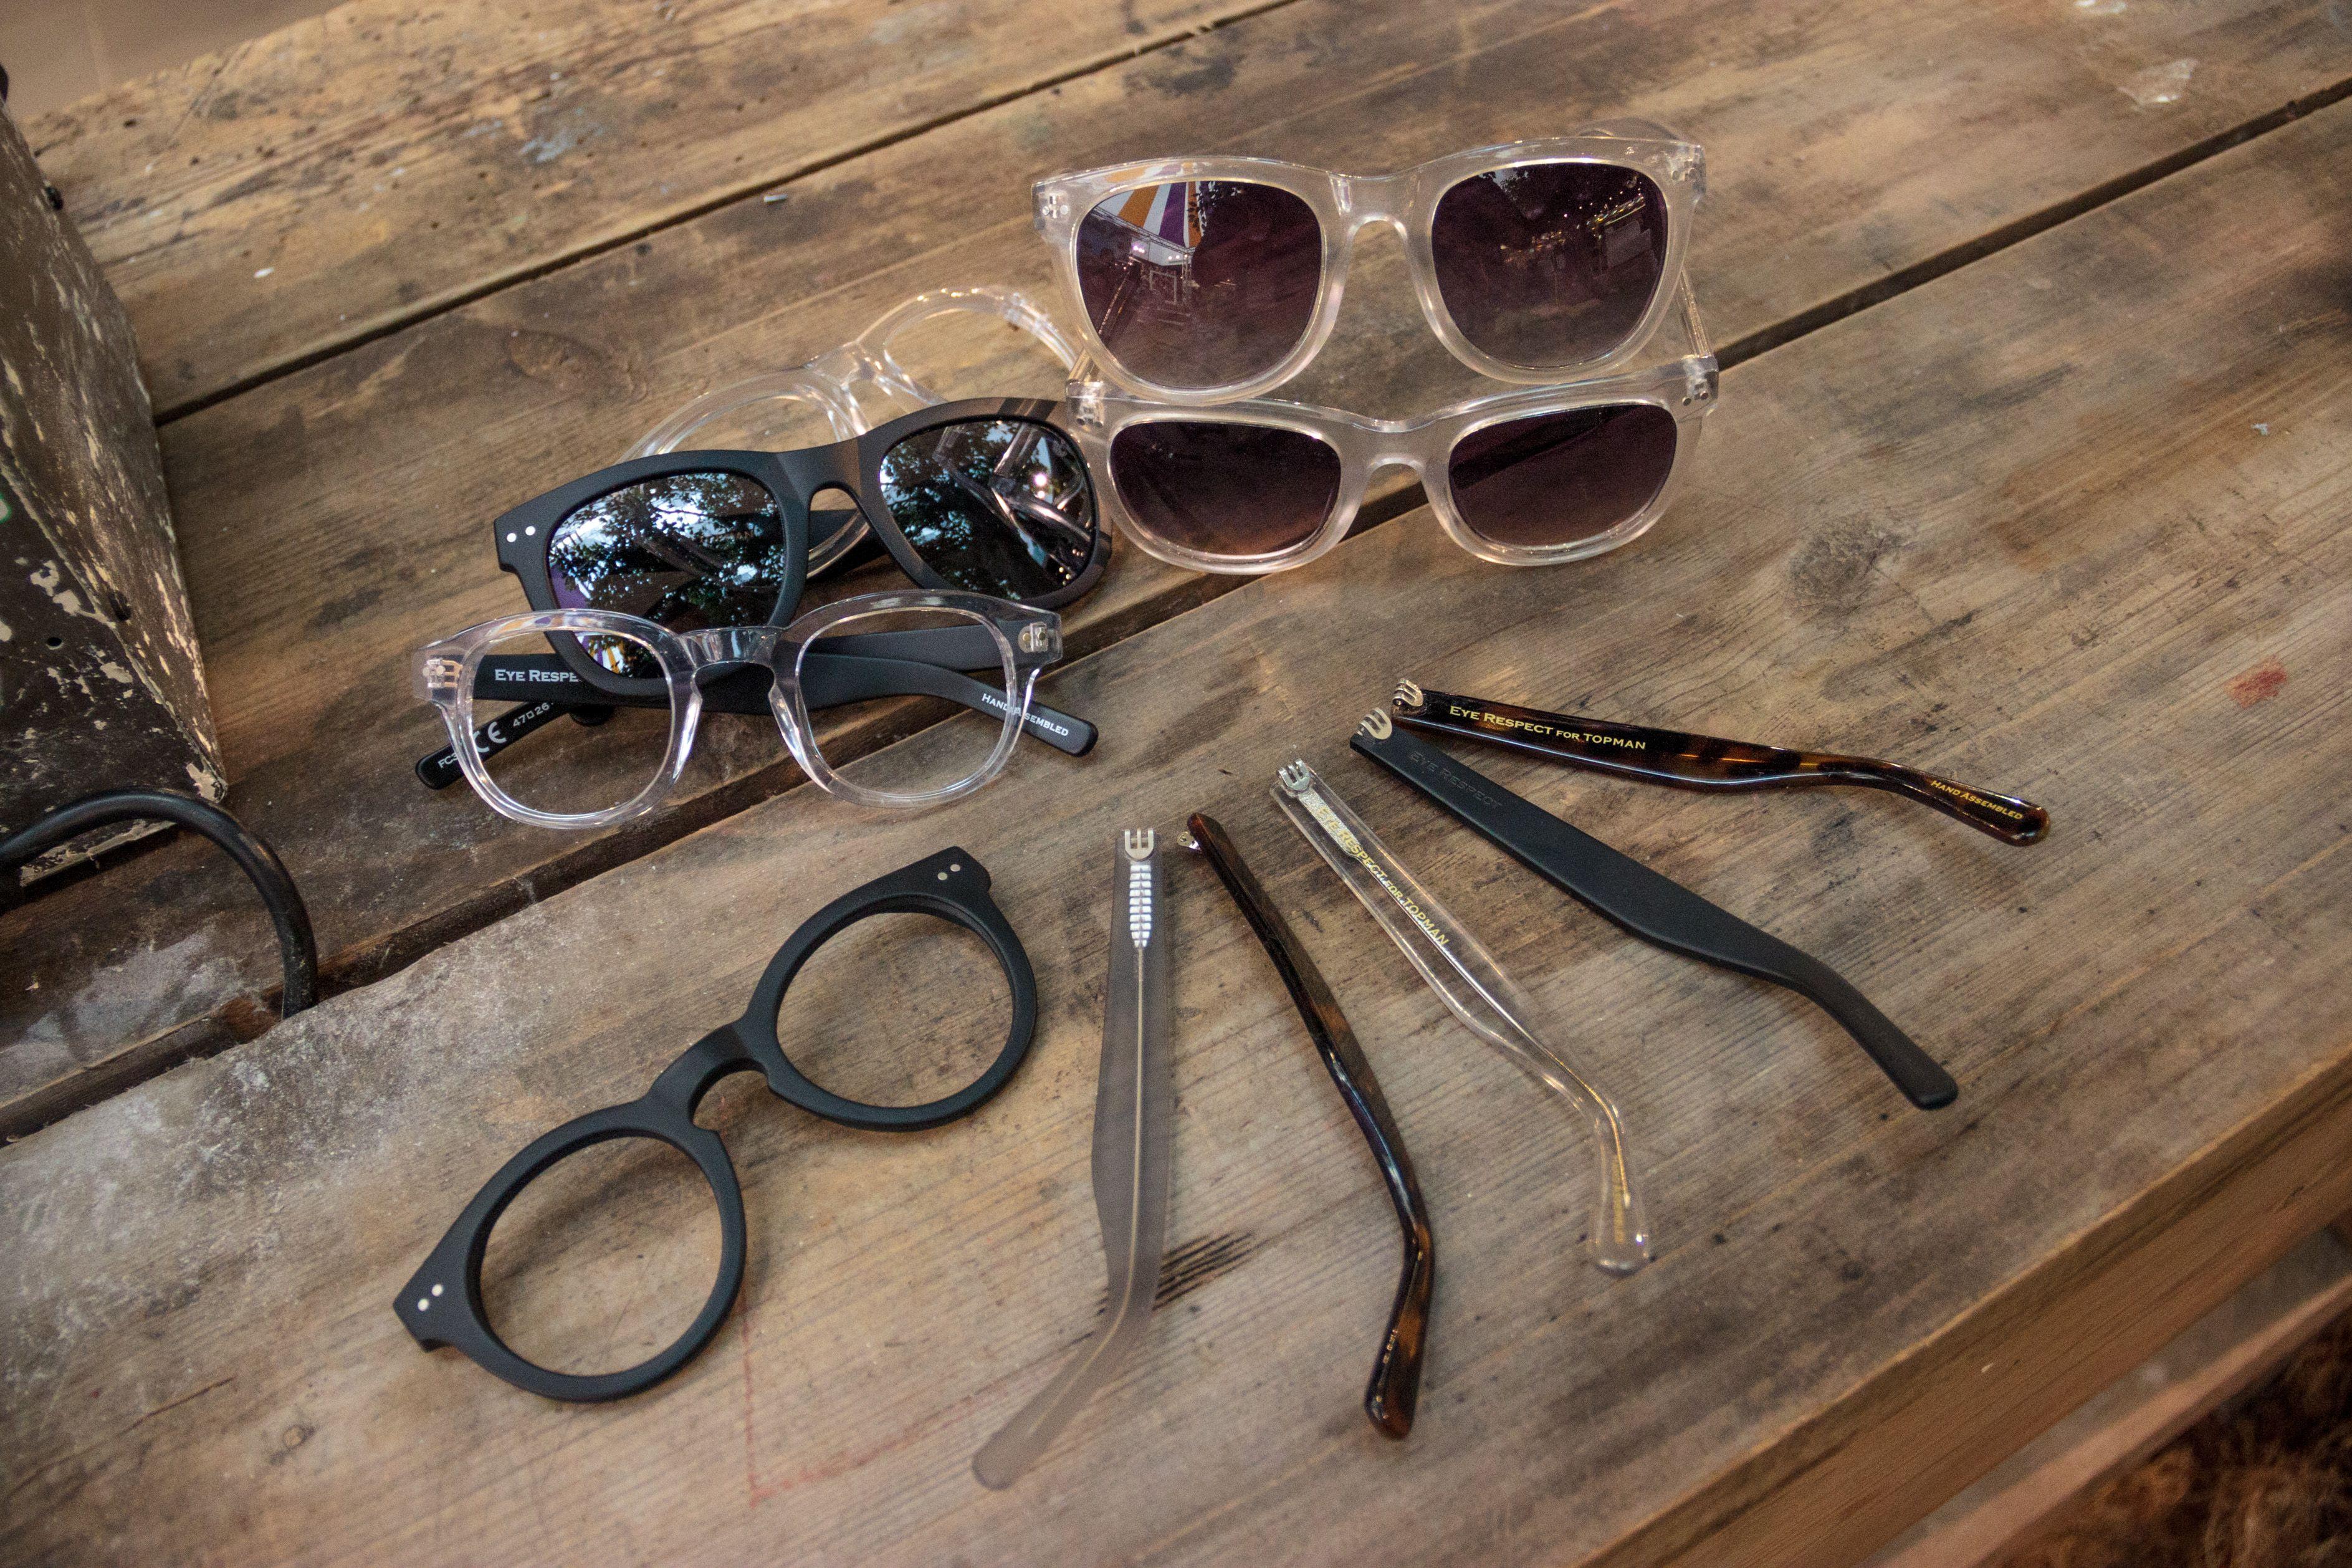 Eye Respect customisable sunglasses workshop at #Festival214 http://tpmn.co/1kN1zIf